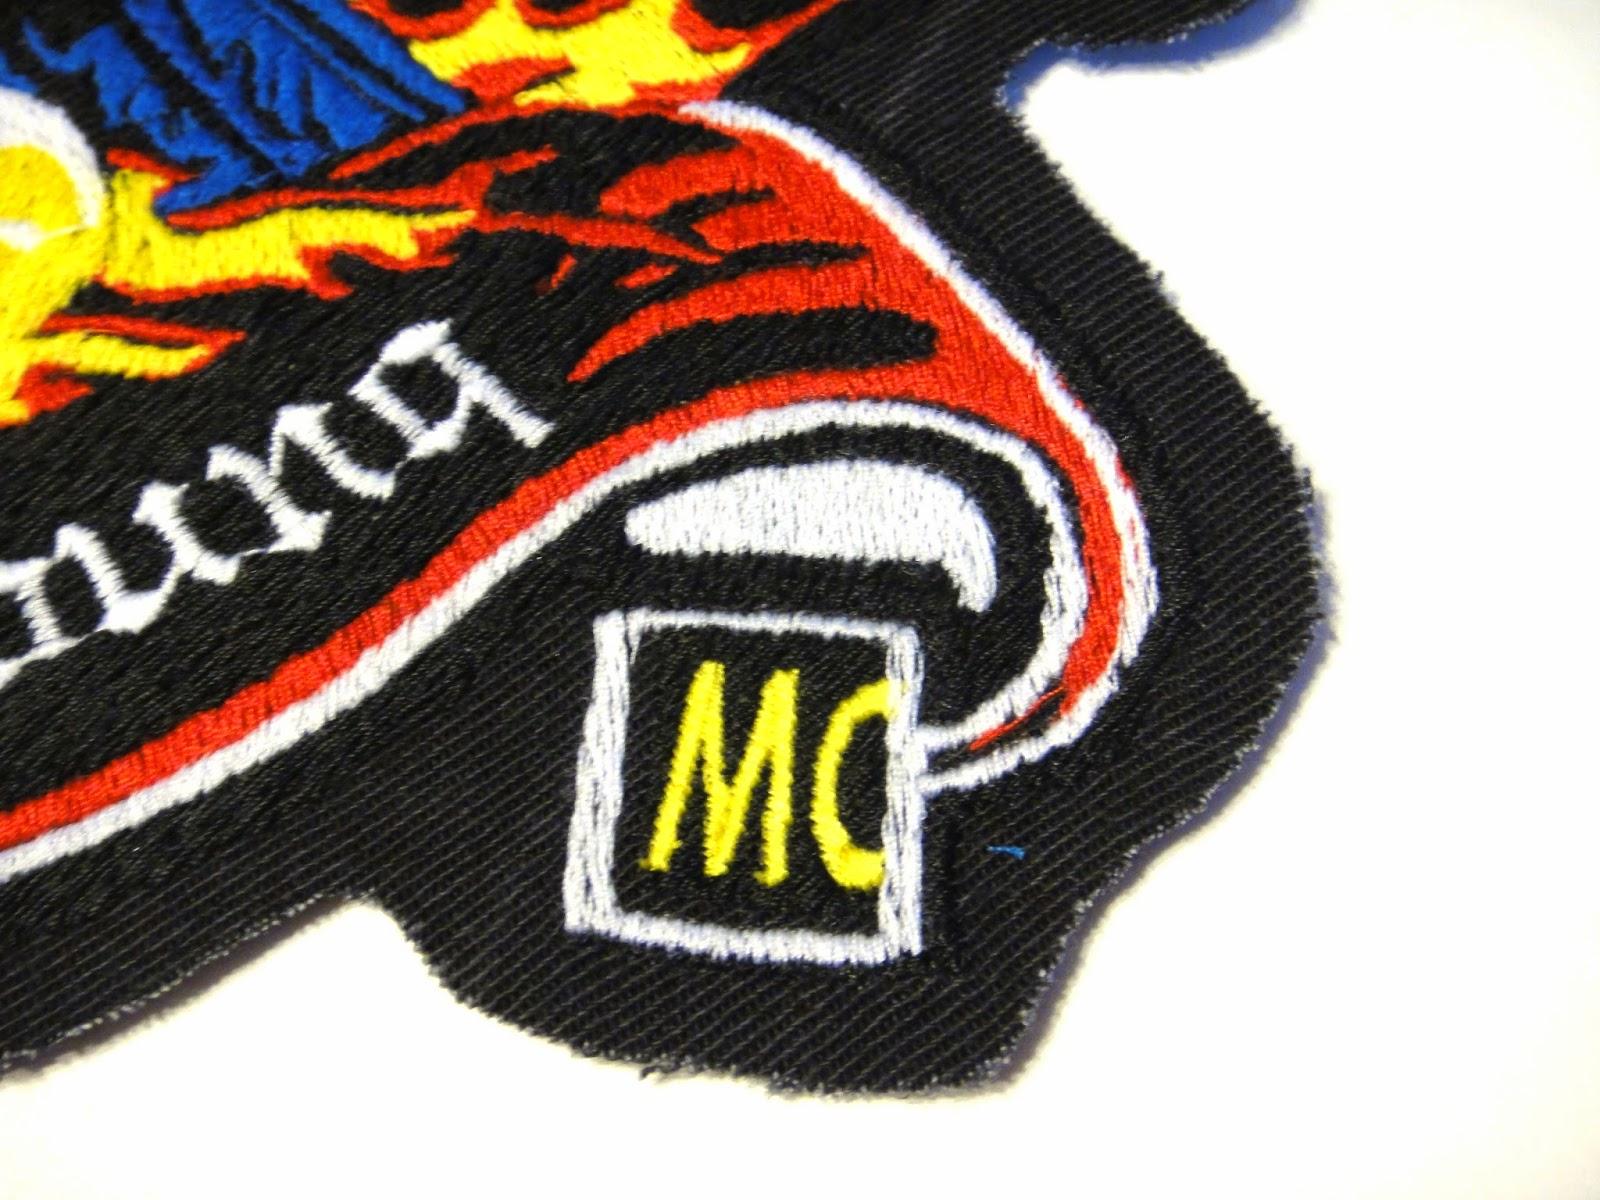 Логотипы для байкеров, нагрудные планки, МС - компьютерная вышивка на заказ